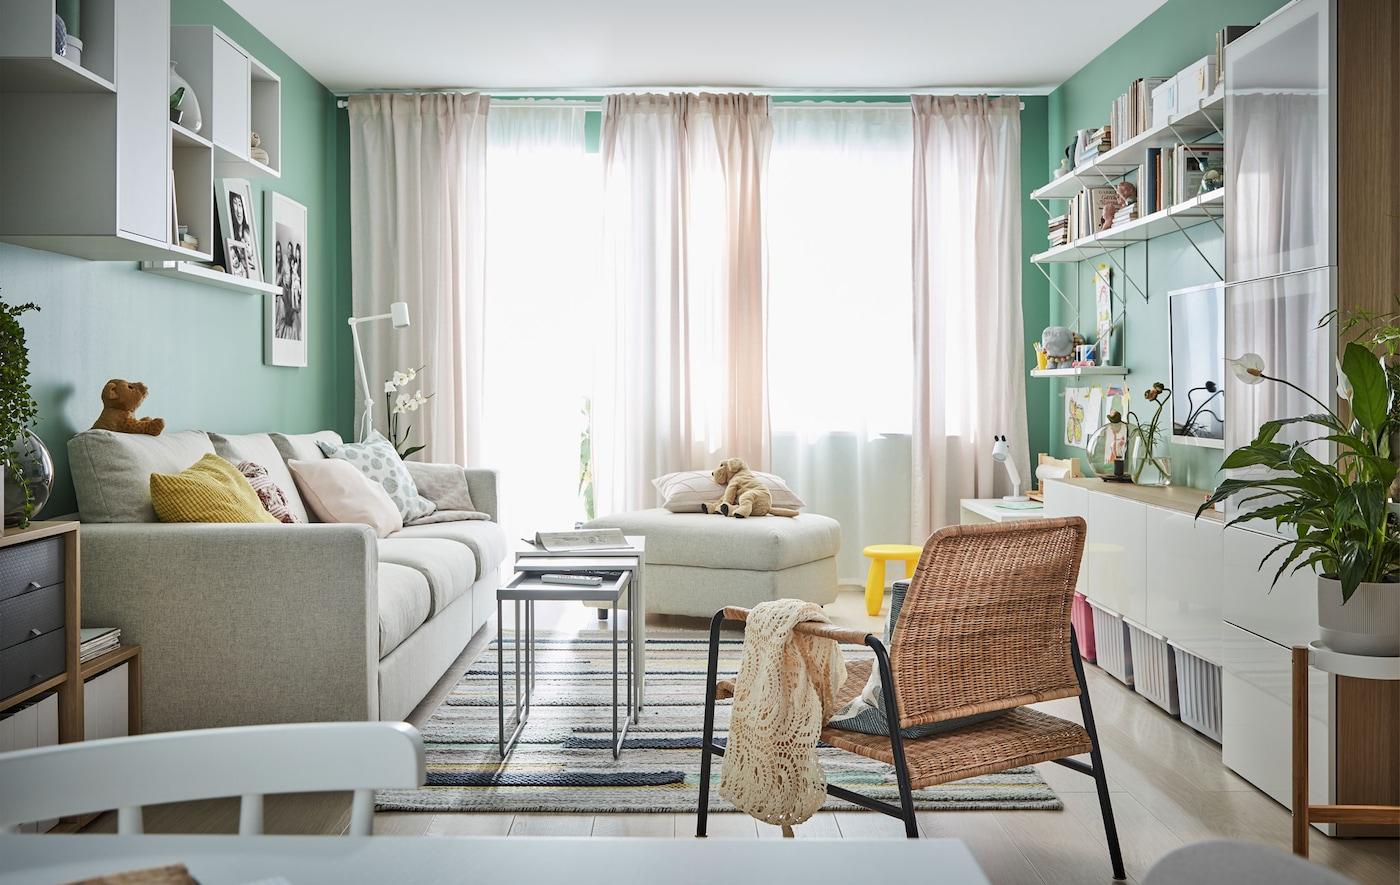 Nappali, nagy ablakok előtt lógó fátyolfüggönyök, kanapé, ülőhelyek, nyitott tárolók.